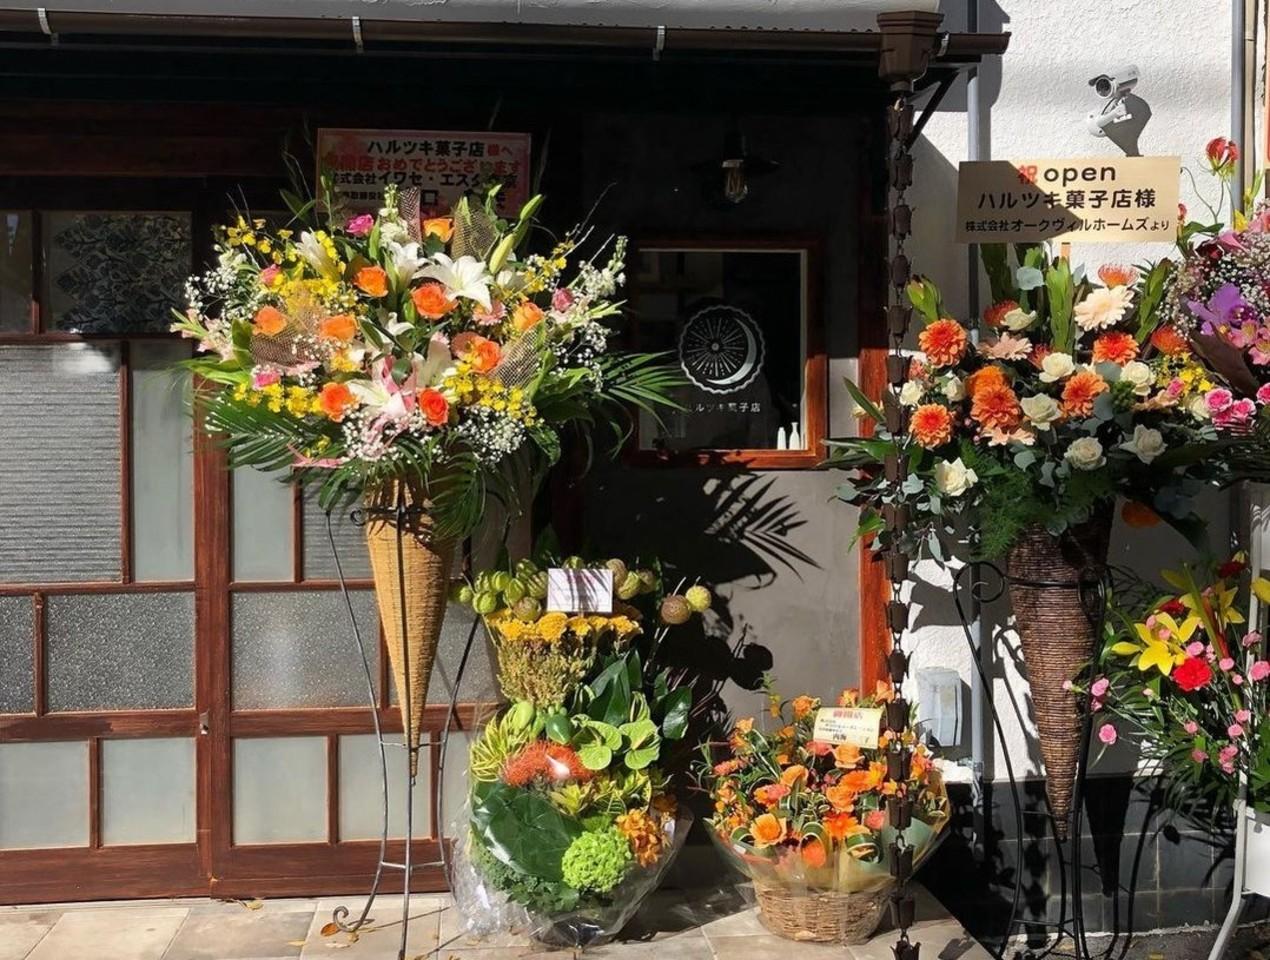 祝!11/21~23プレopen『ハルツキ菓子店』(茨城県古河市)